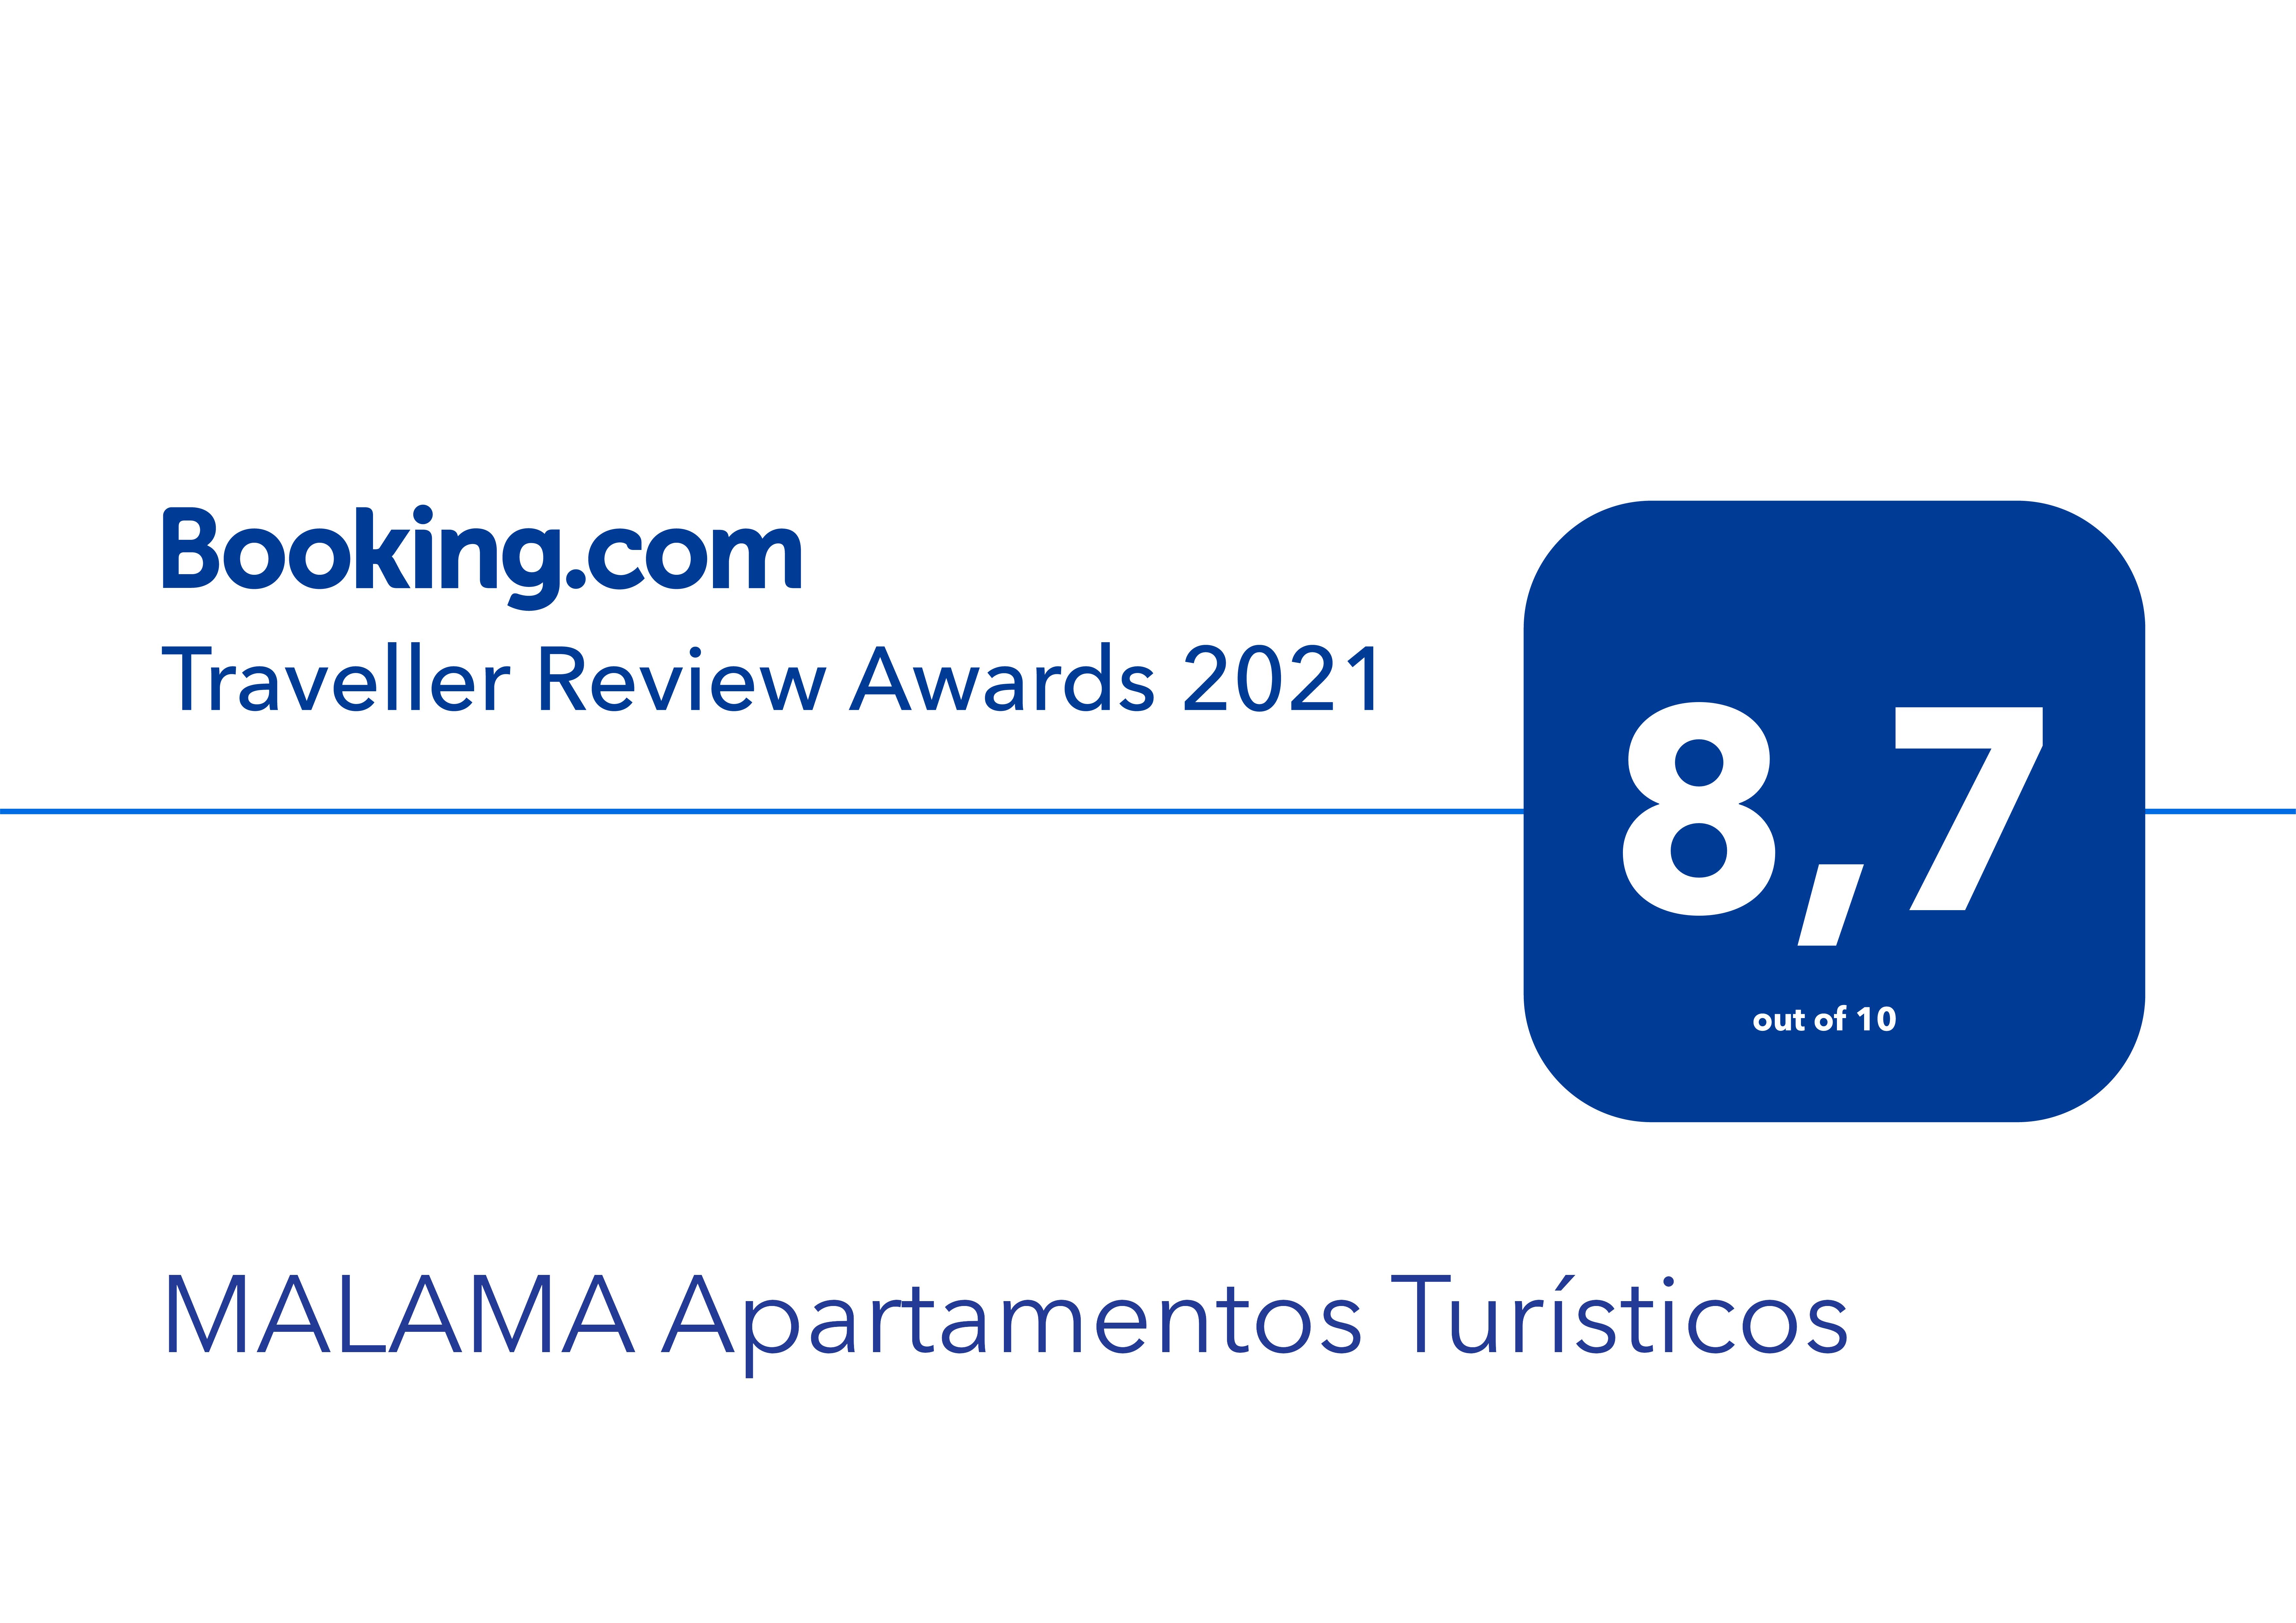 Premio de booking 2021 para los apartamentos turísticos MALAMA en el centro de Málaga. Fondo blanco